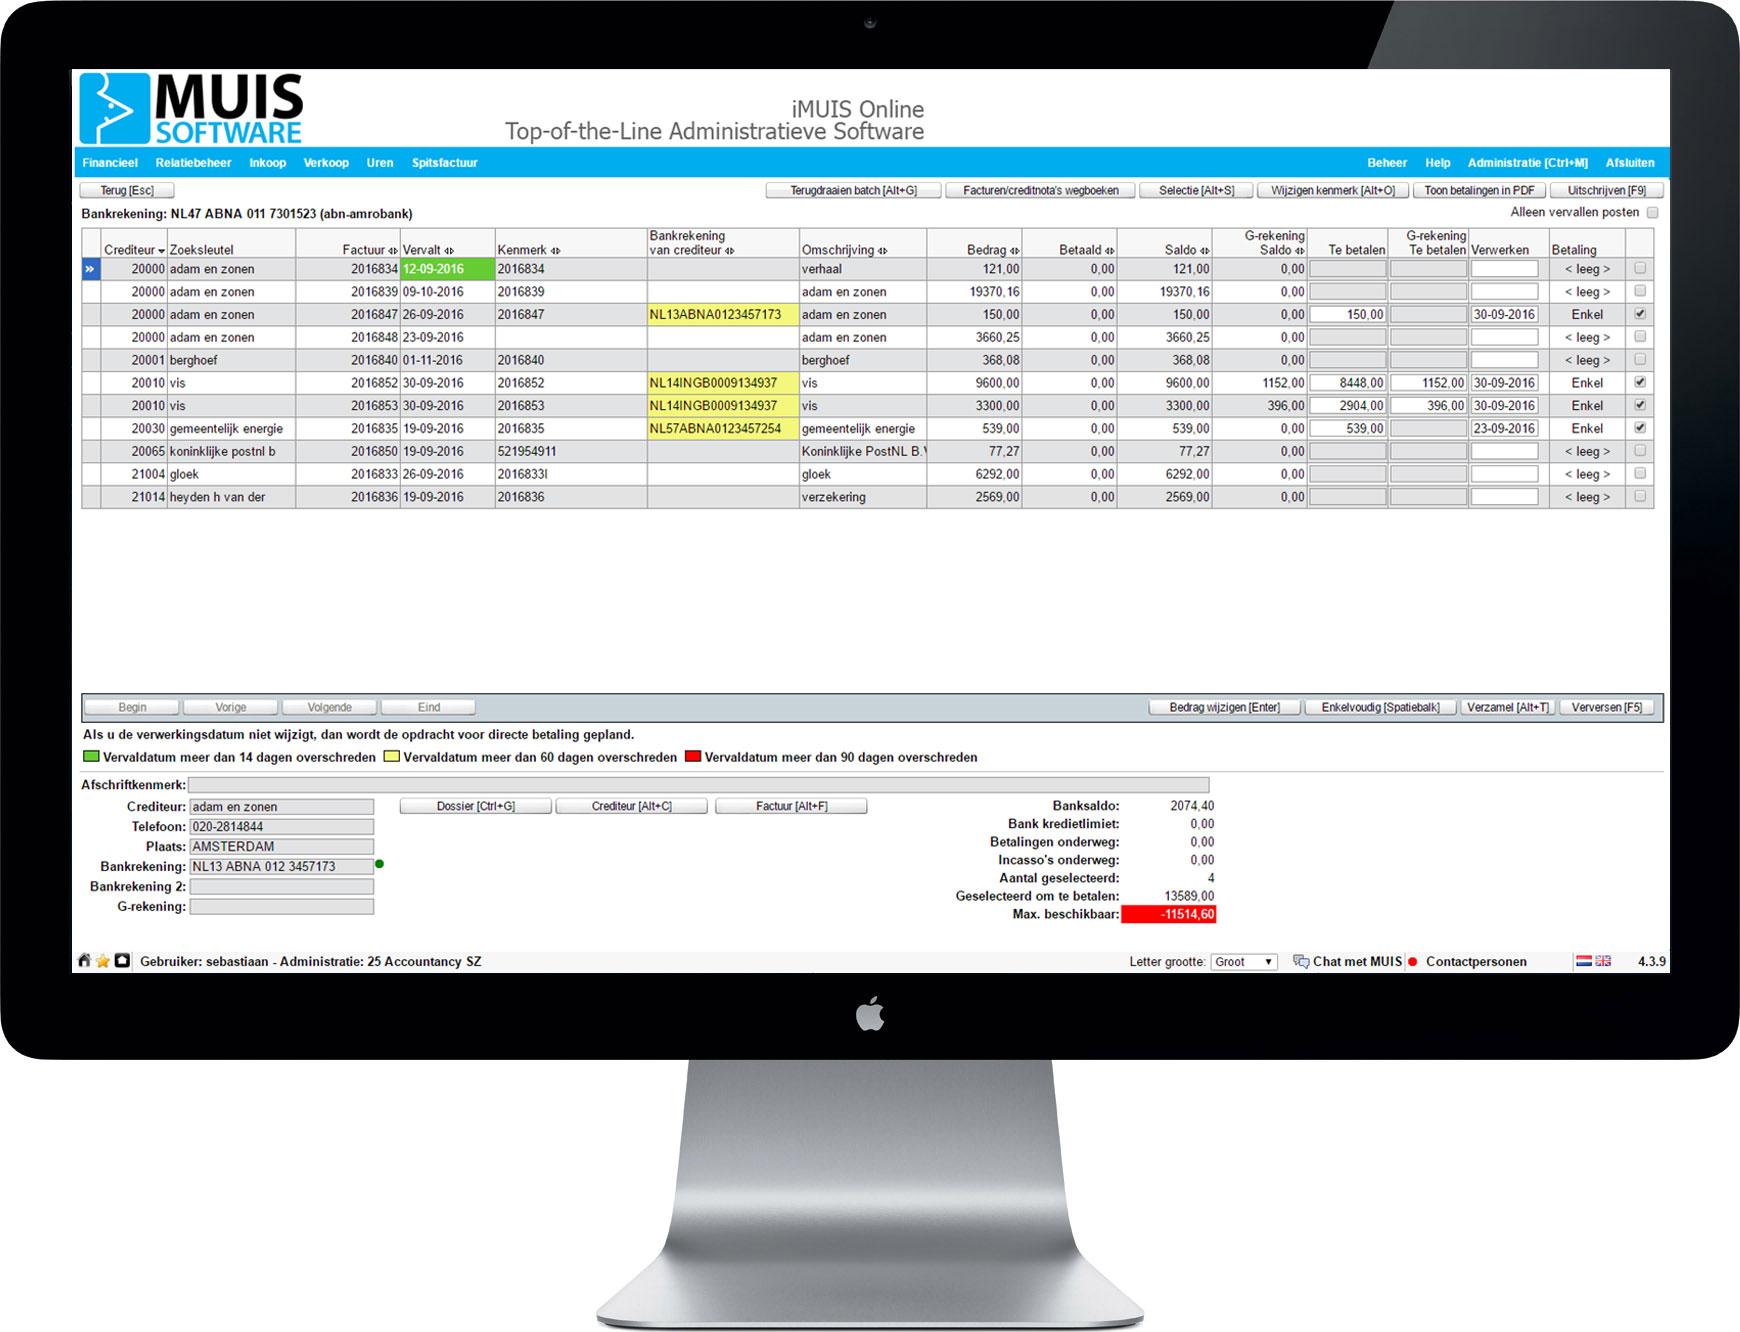 De module G-Rekening vereenvoudigt het administratieve proces rond het inlenen van personeel.